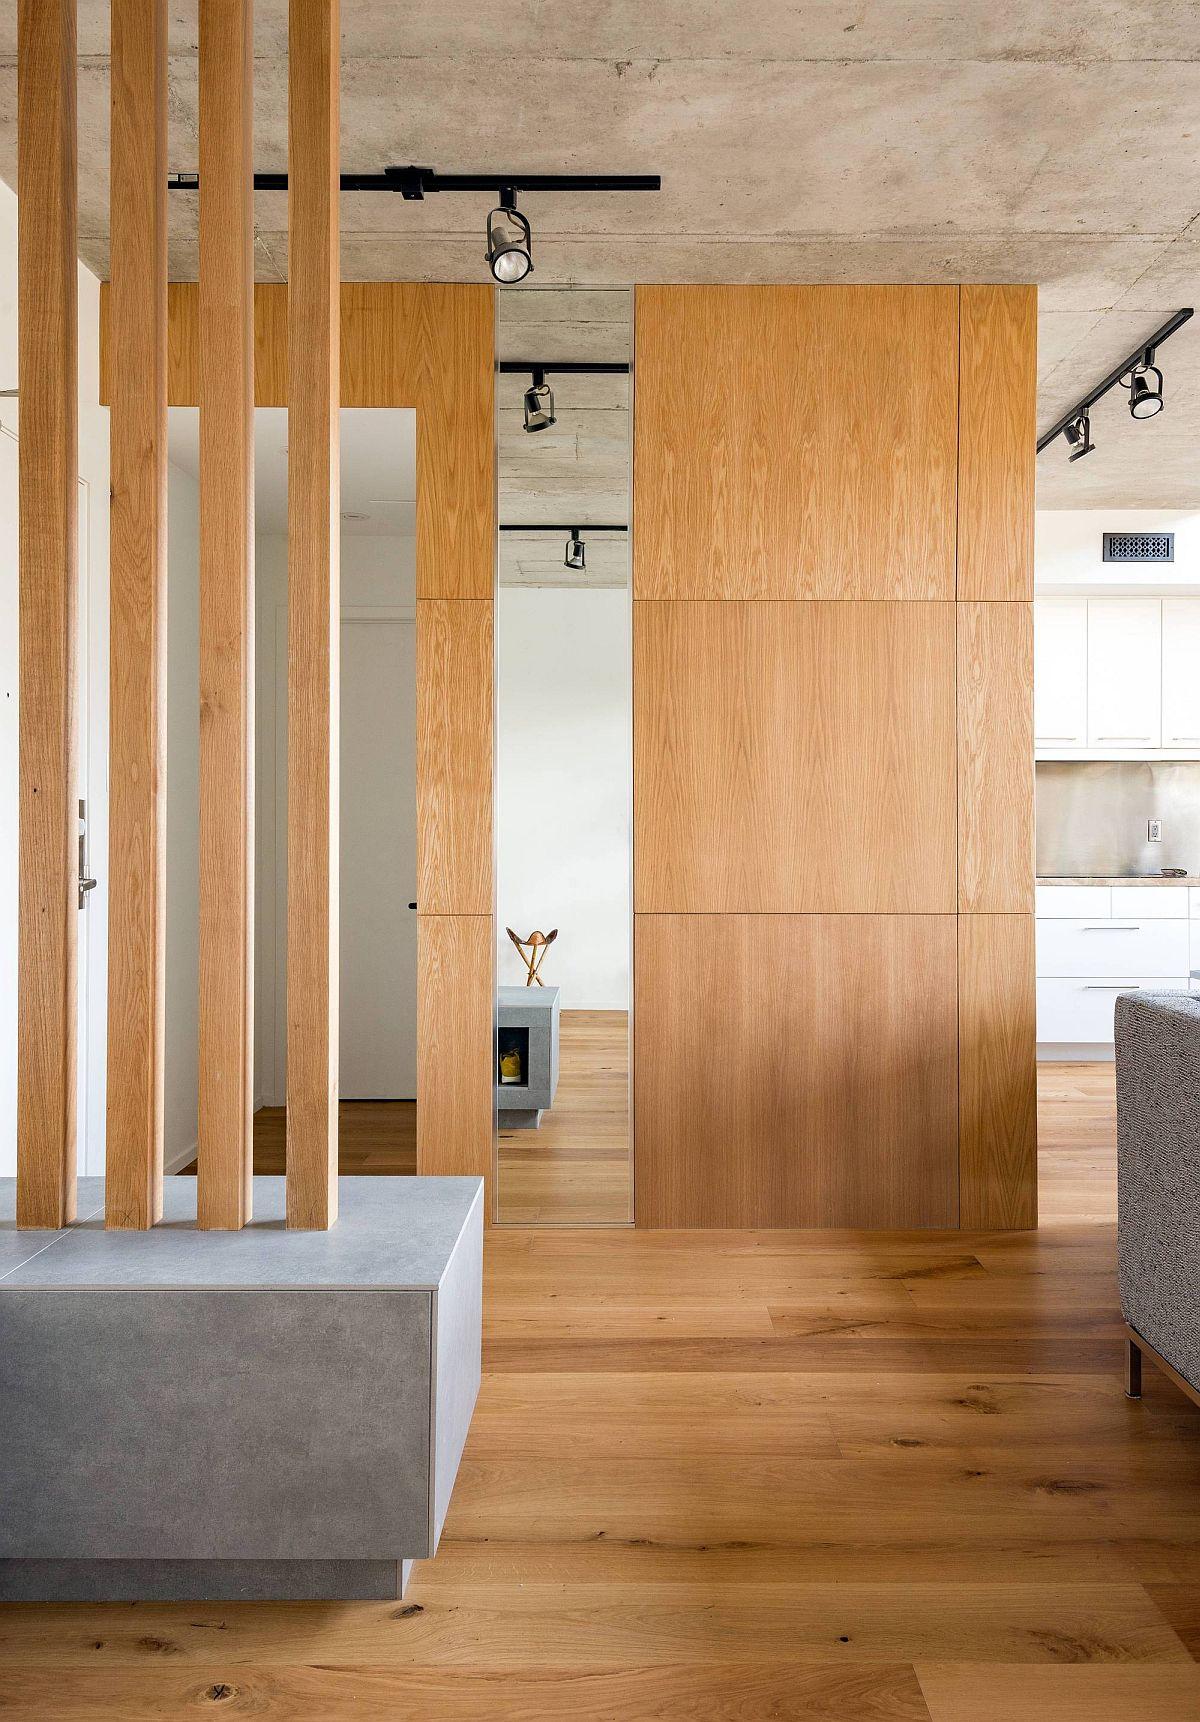 Des écrans et des cloisons en bois personnalisés délimitent l'espace à l'intérieur du salon décloisonné